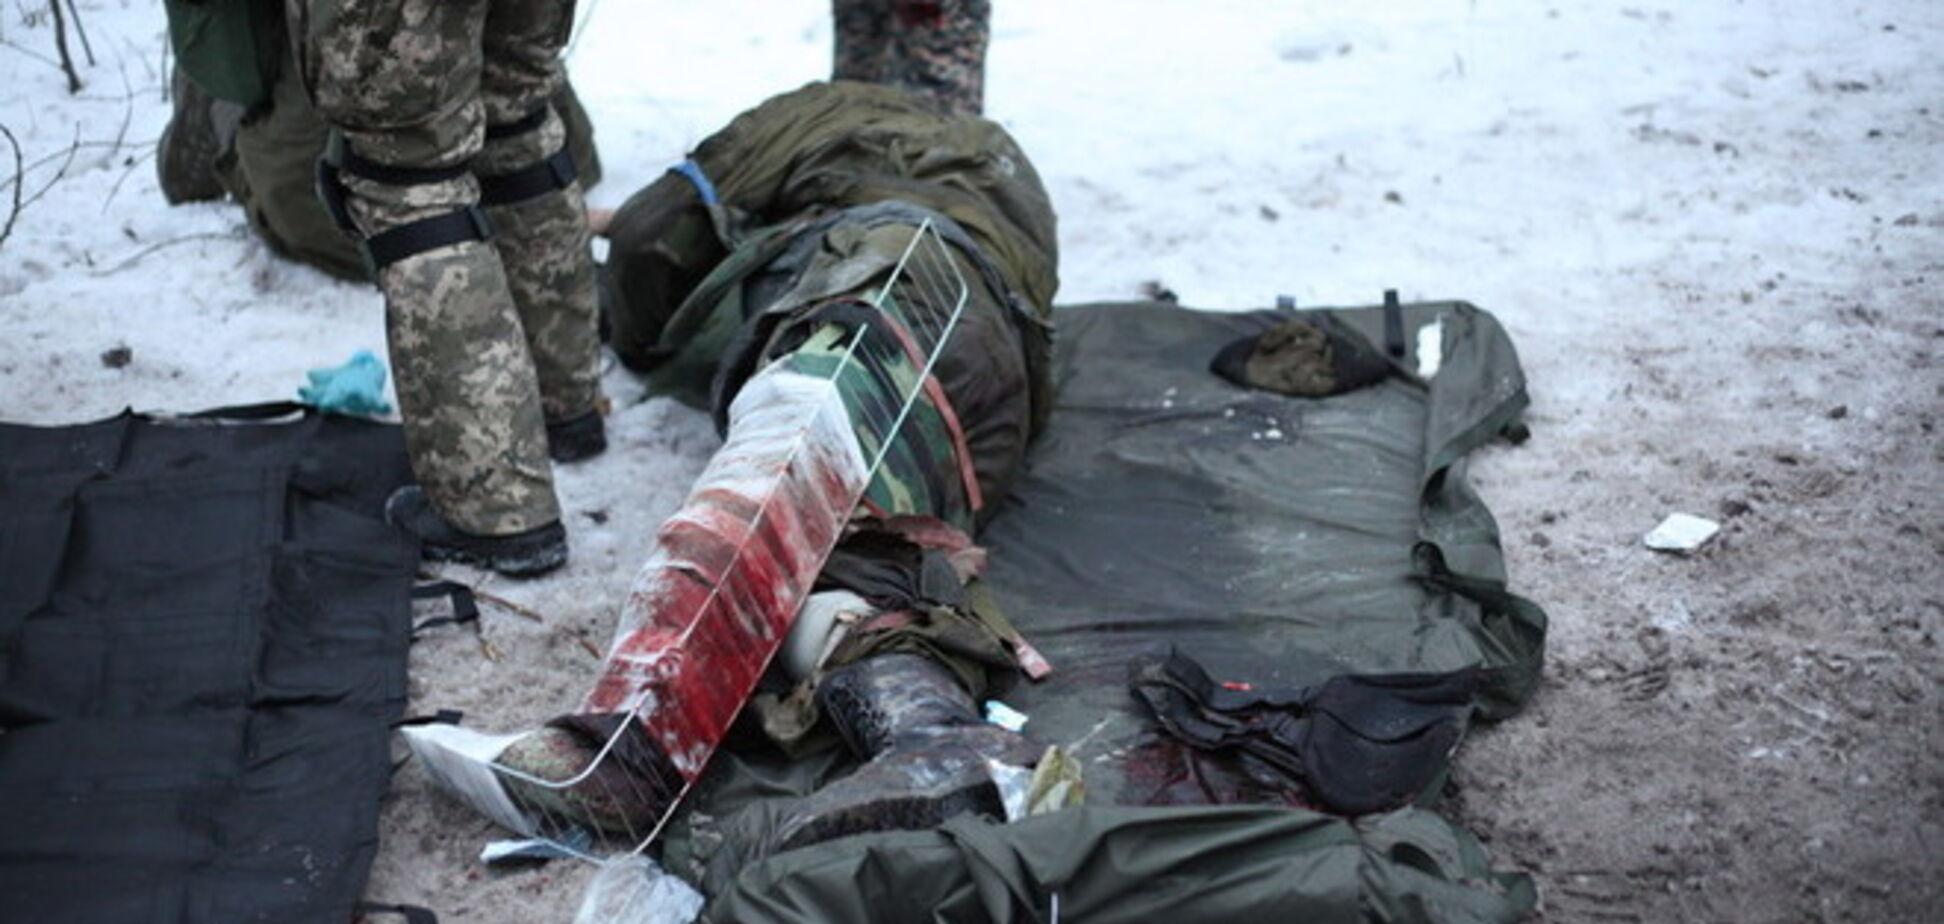 Спасение раненых 'киборгов': душераздирающие фото с передовой